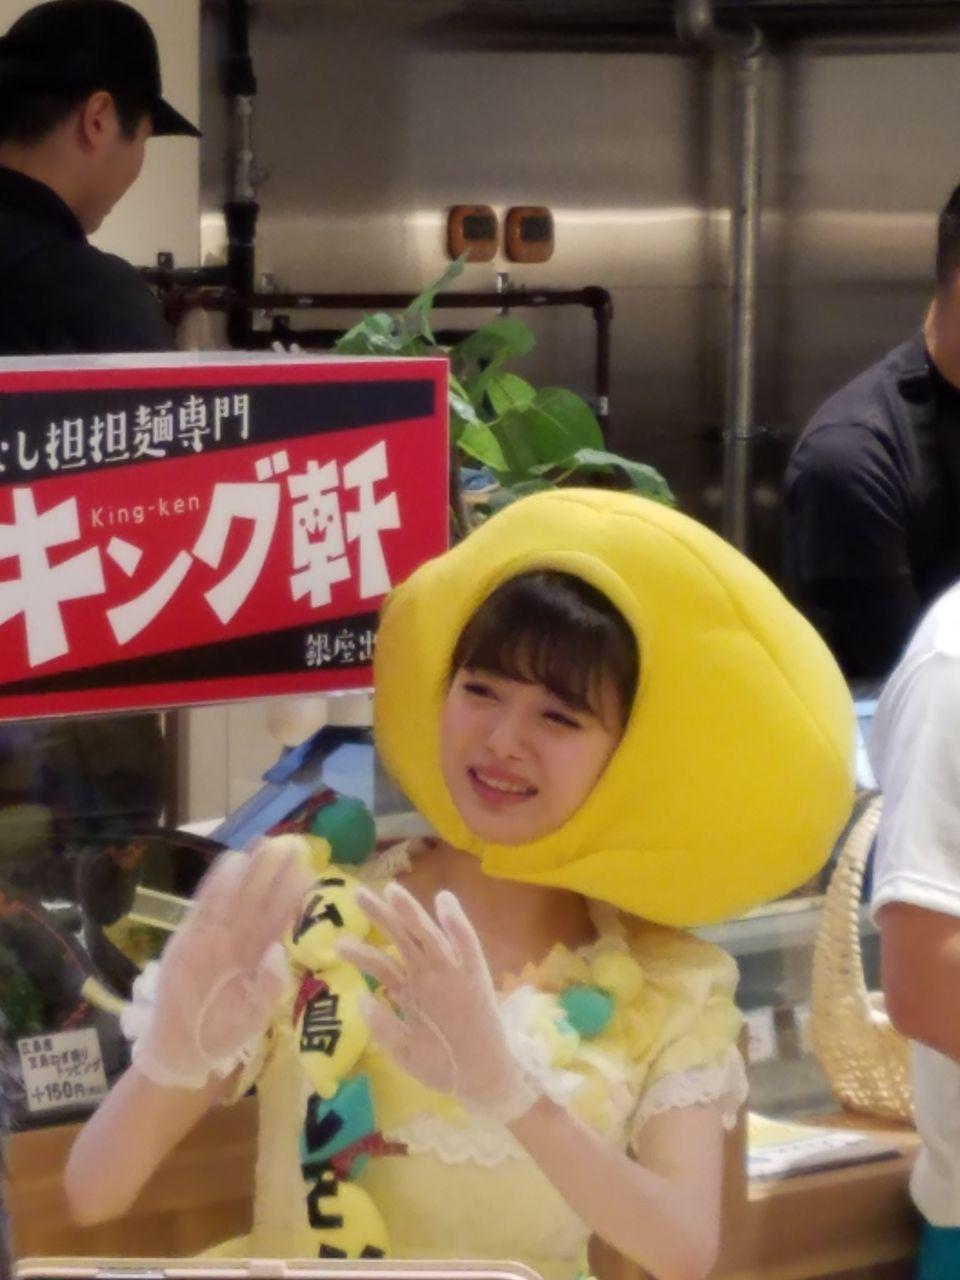 【画像】市川美織が銀座でレモン配ってるwwwwwwwwww